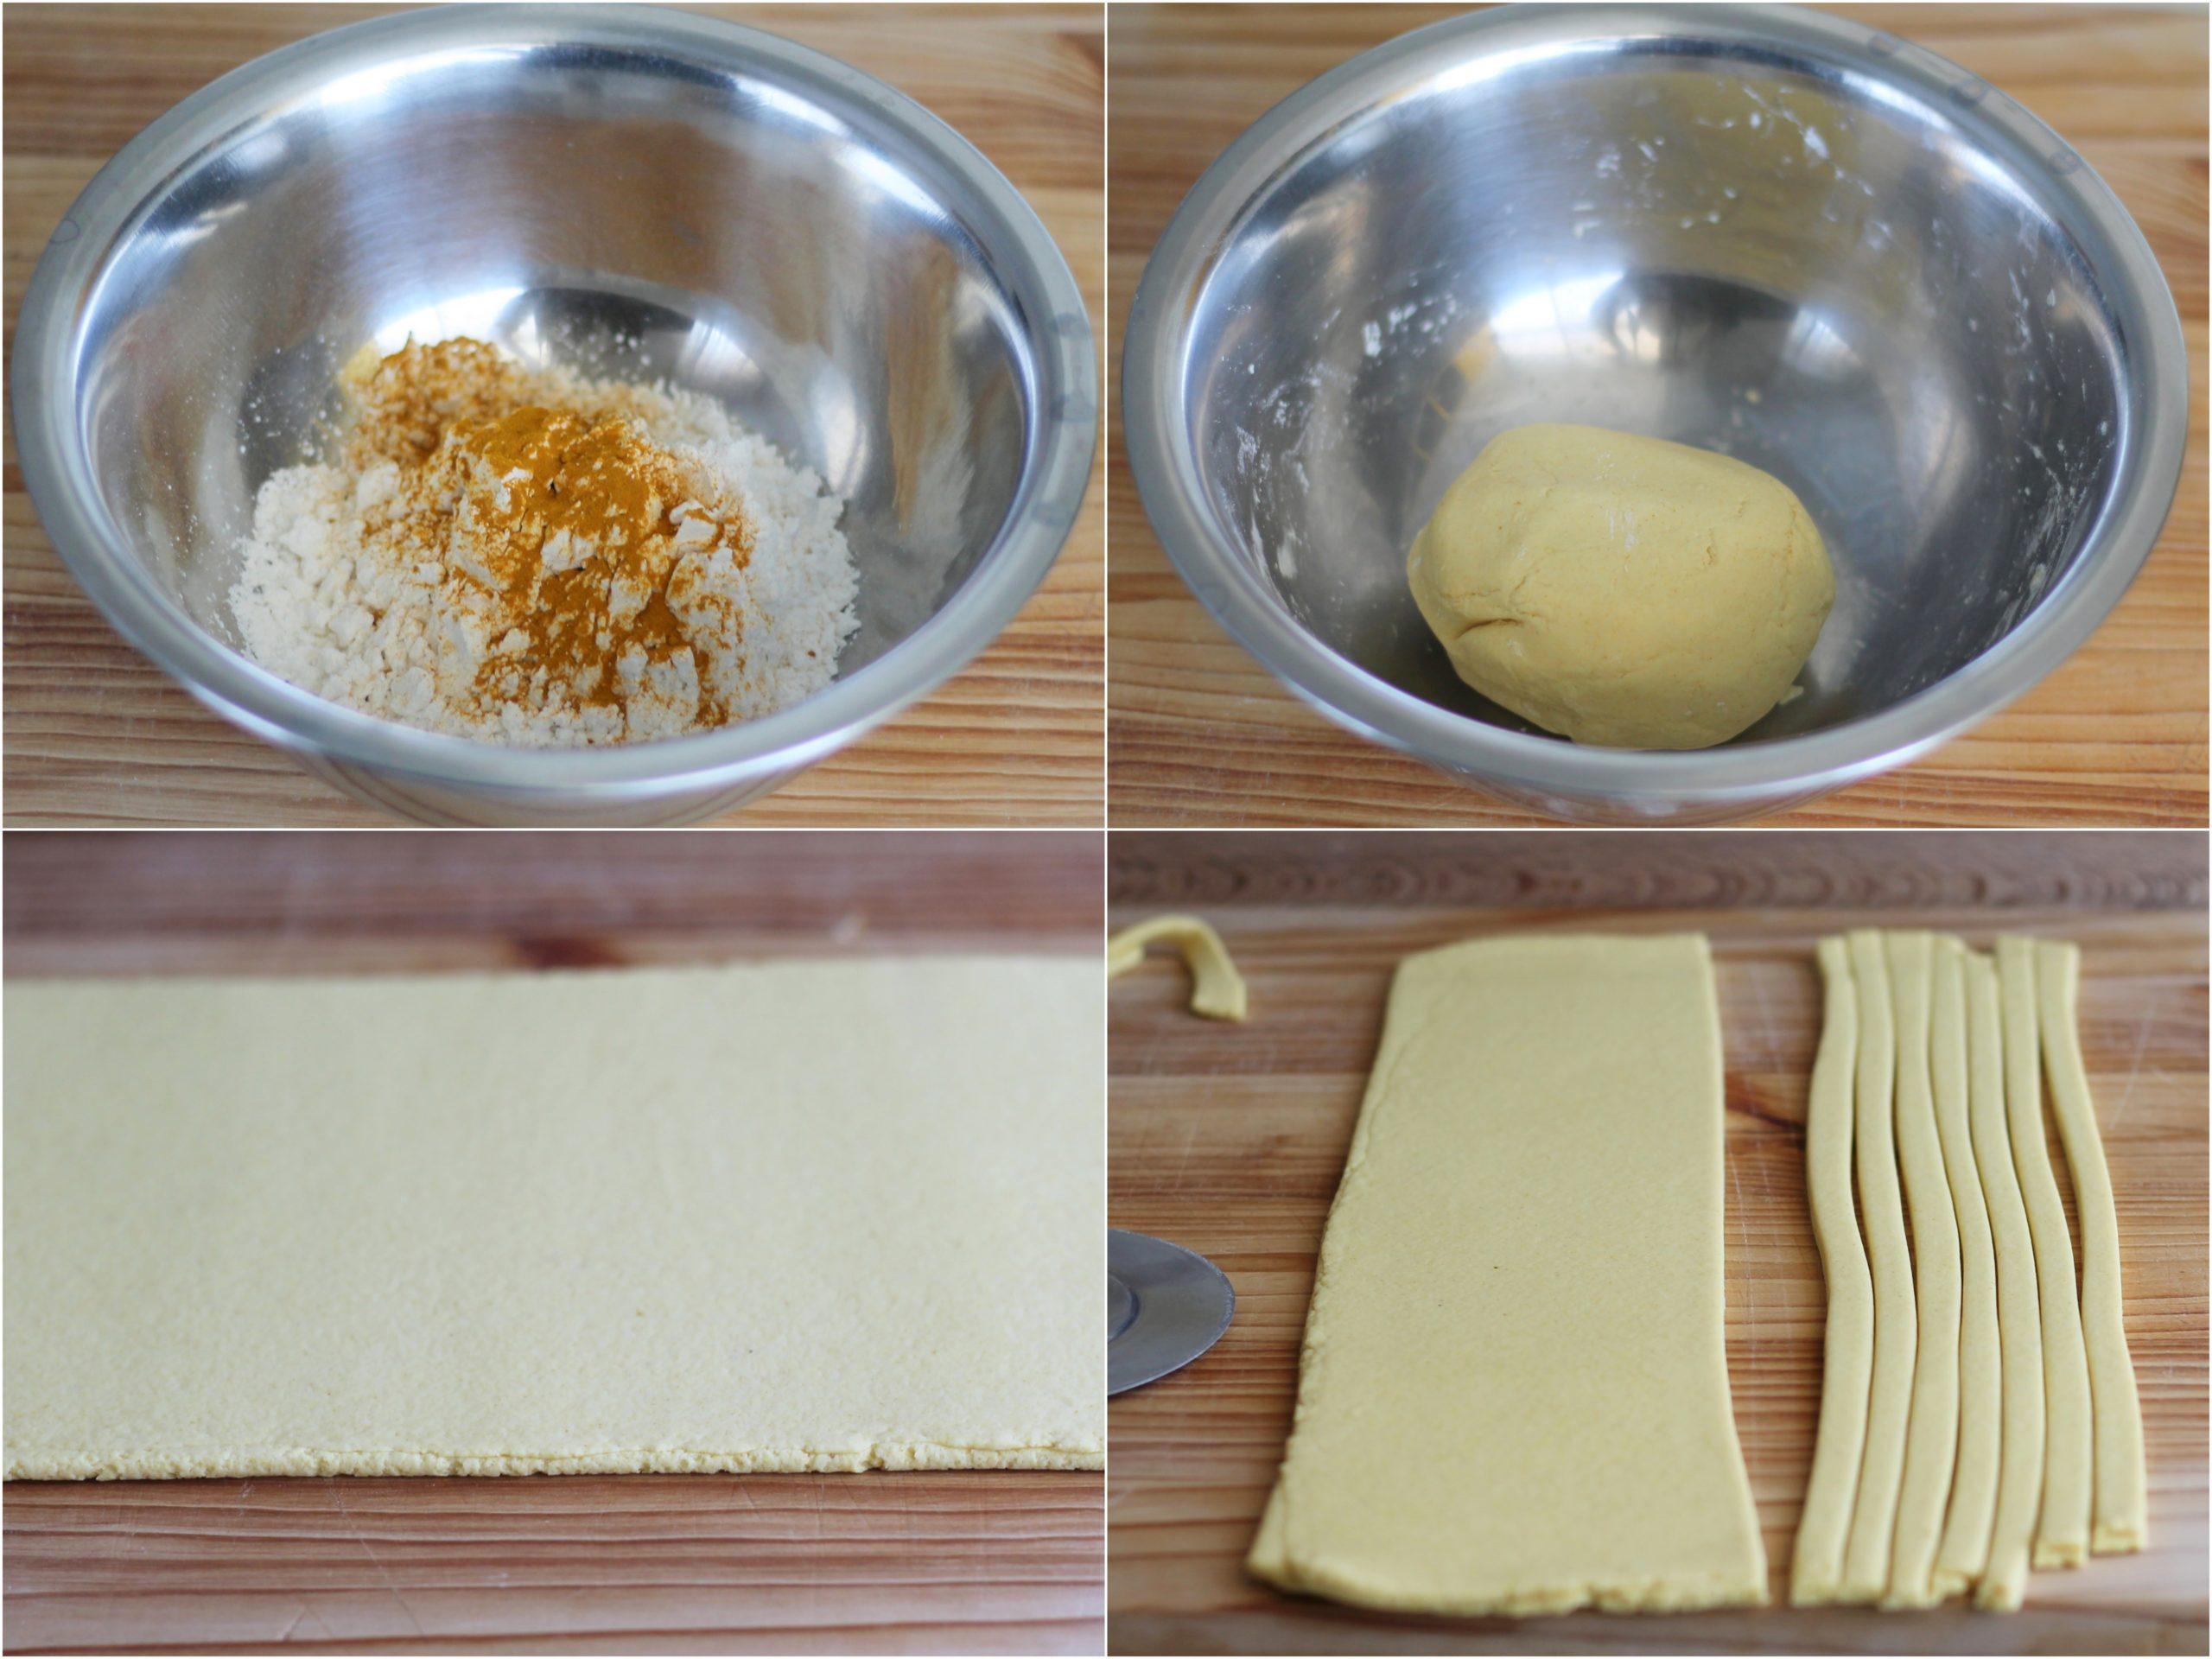 Troccoli alla curcuma senza glutine e senza uova - La Cassata Celiaca